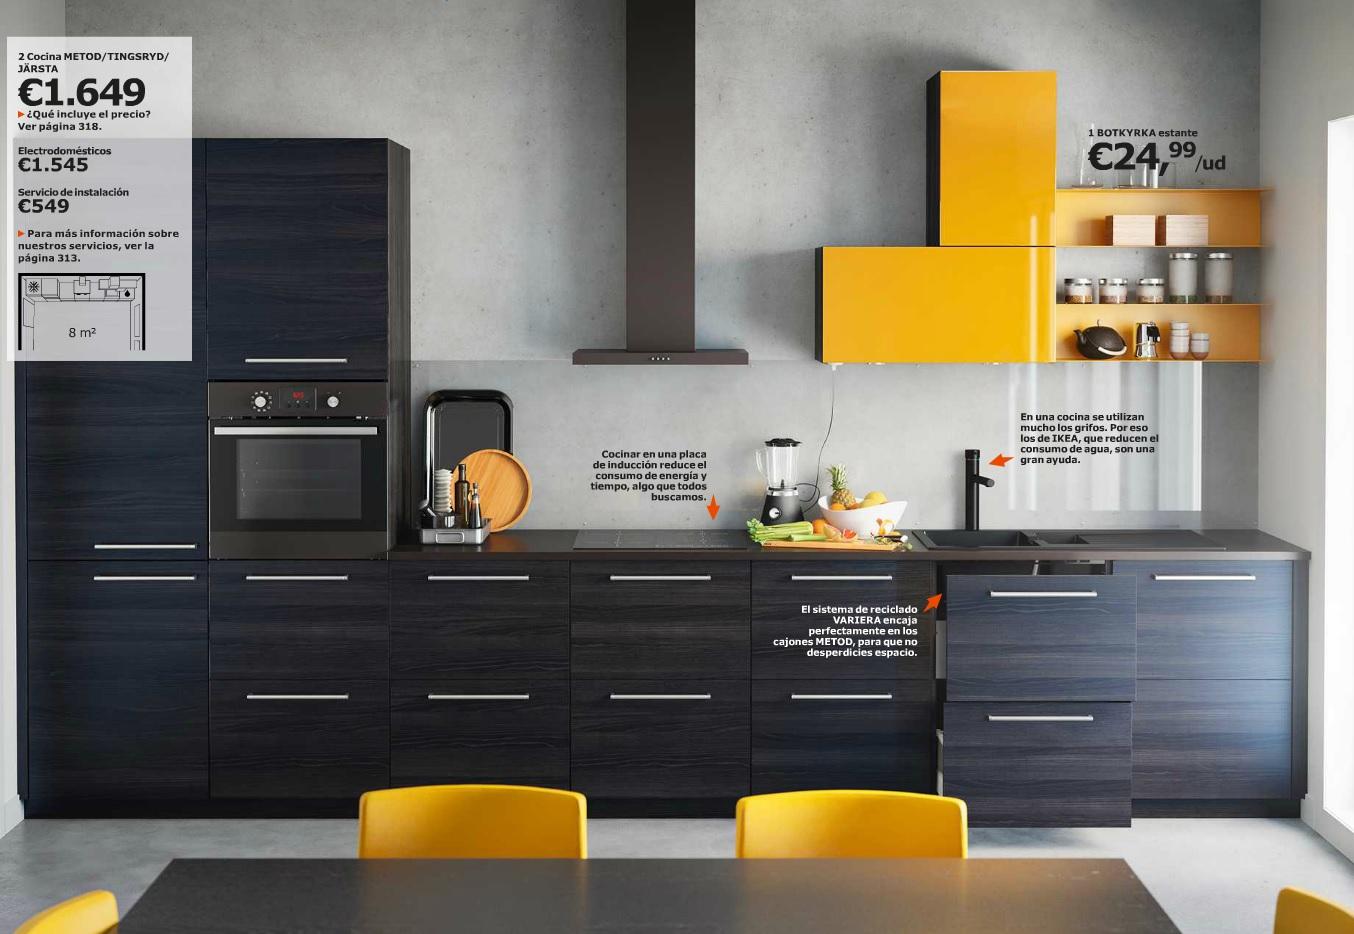 Ikea catalogo ikea cocinas for Frentes de muebles de cocina